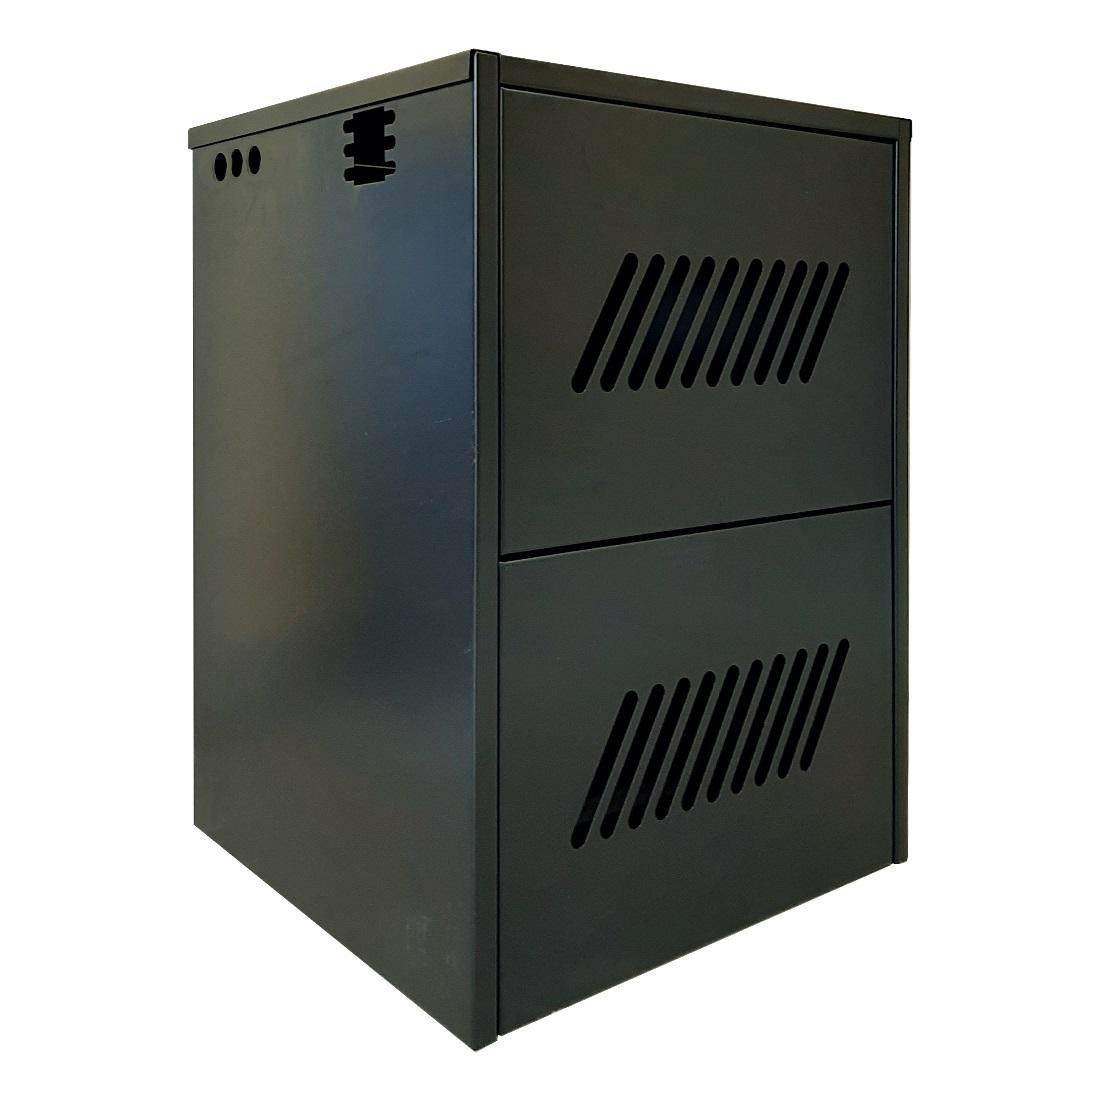 Дополнительное оборудование к аккумуляторам SVC SVC BC C-4 распашные шкафы 4 дверные